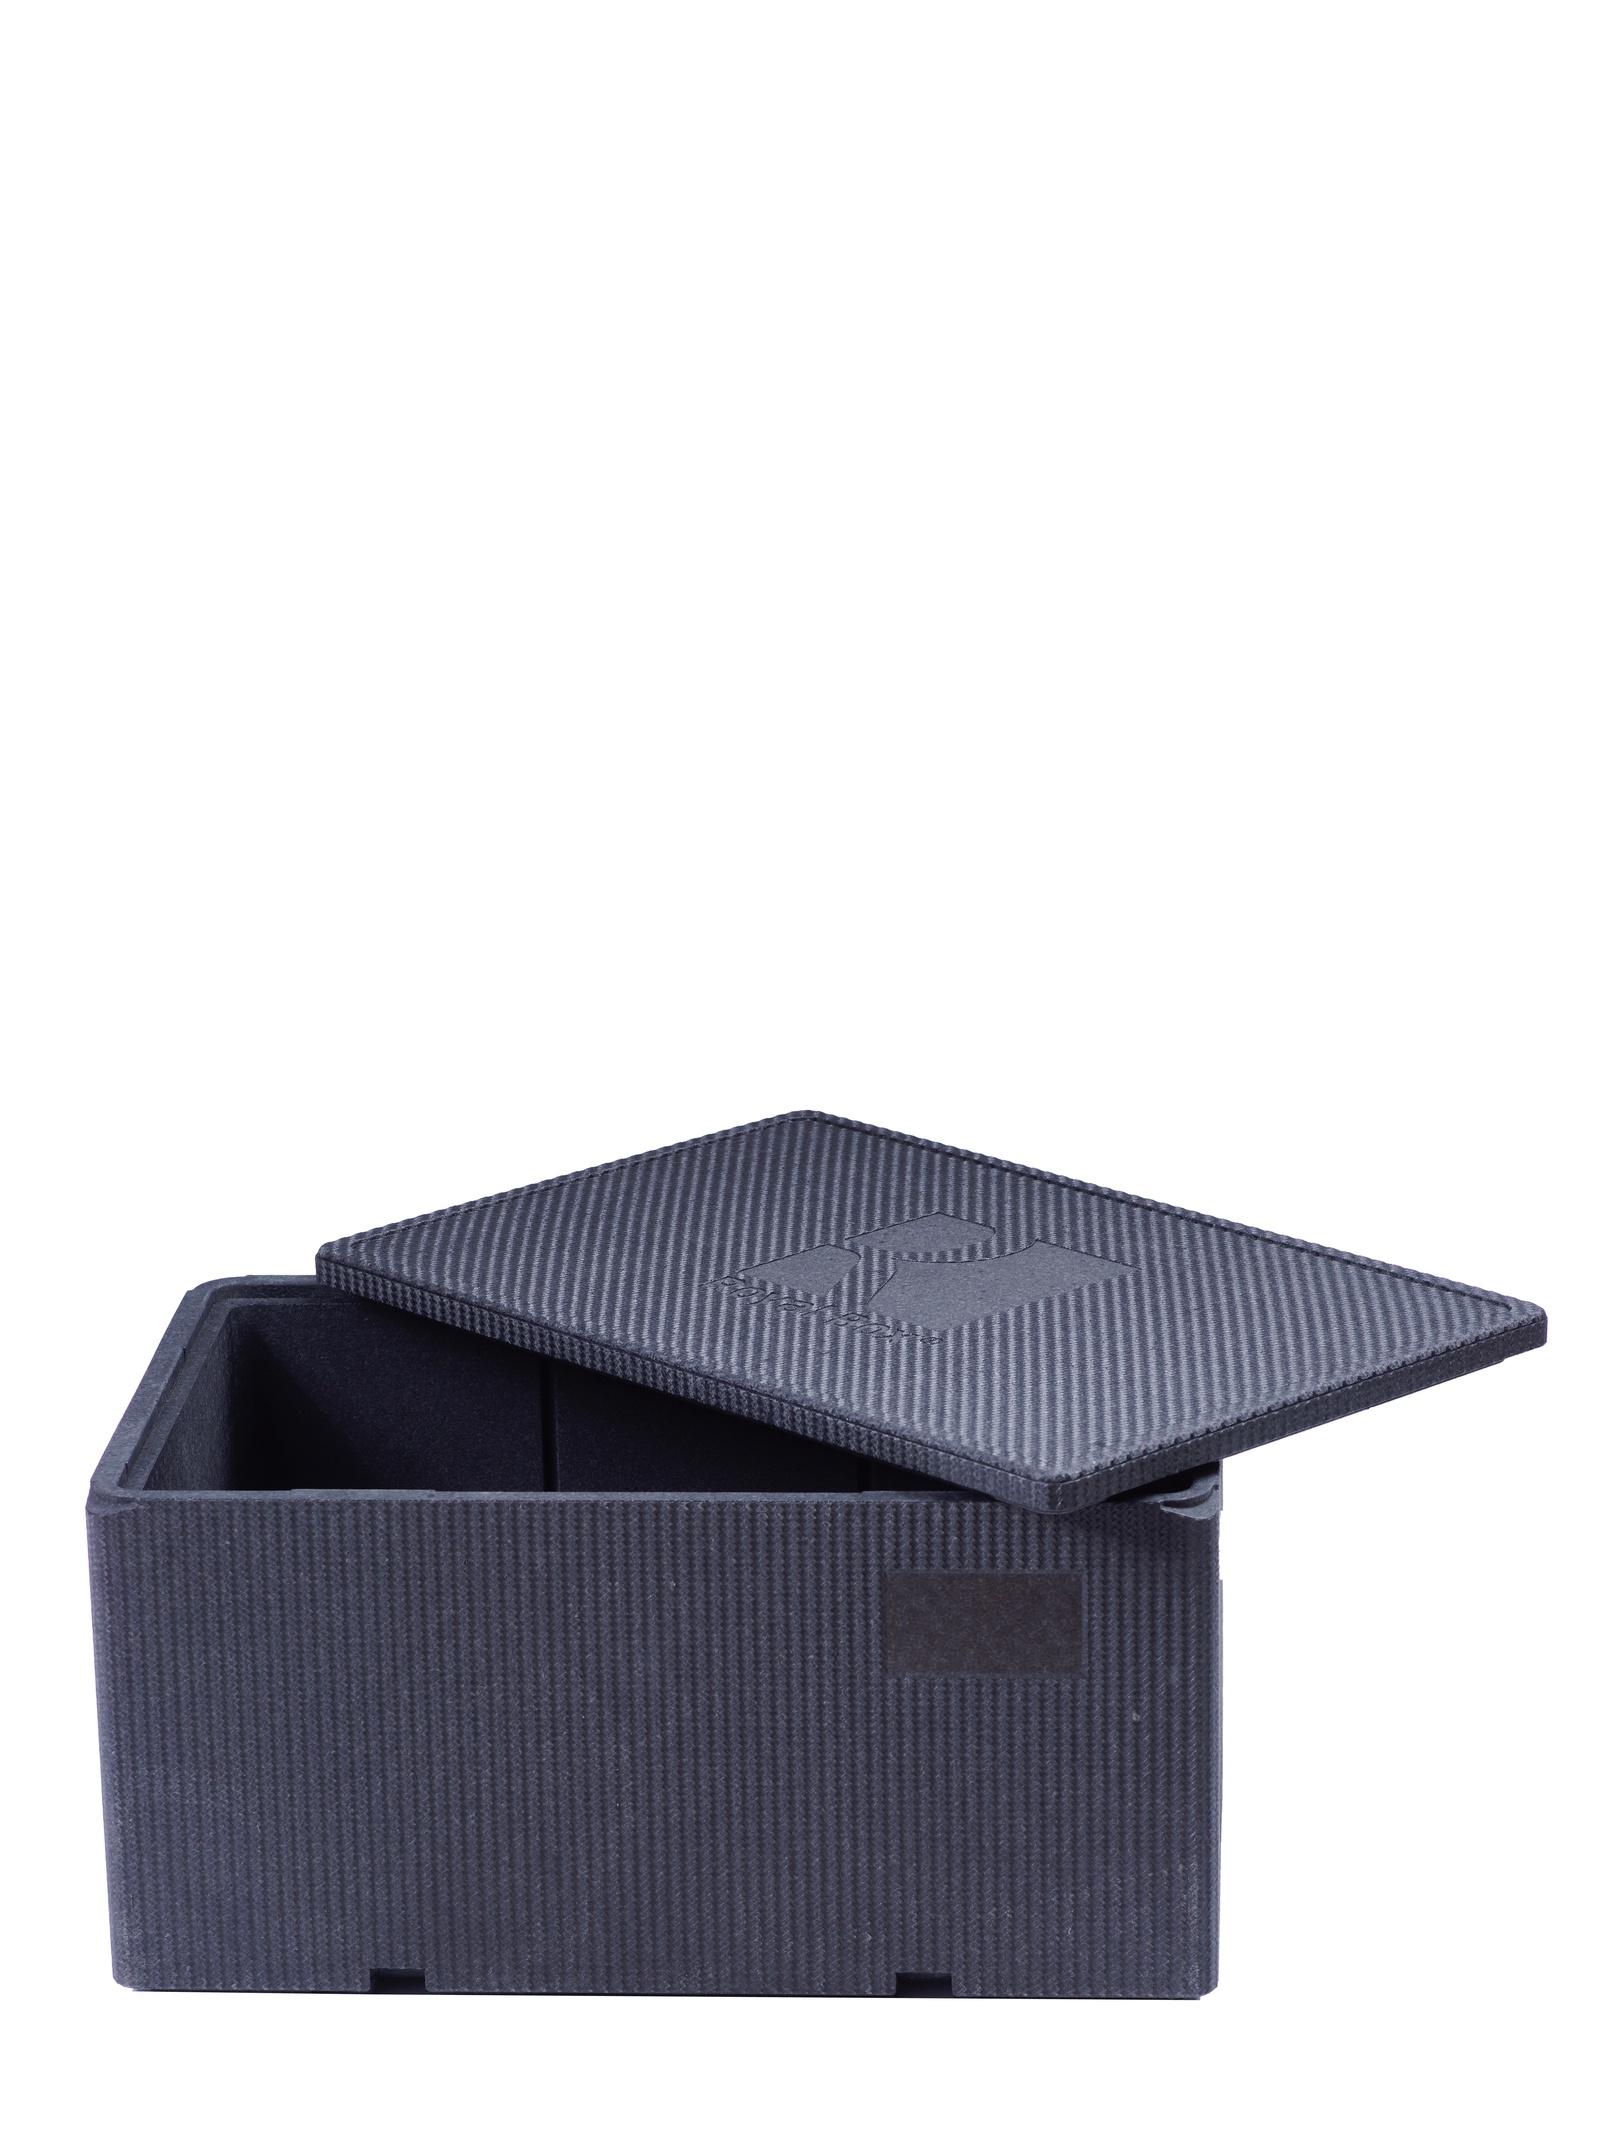 Изотермический контейнер Royal Box Unique черный, 57л